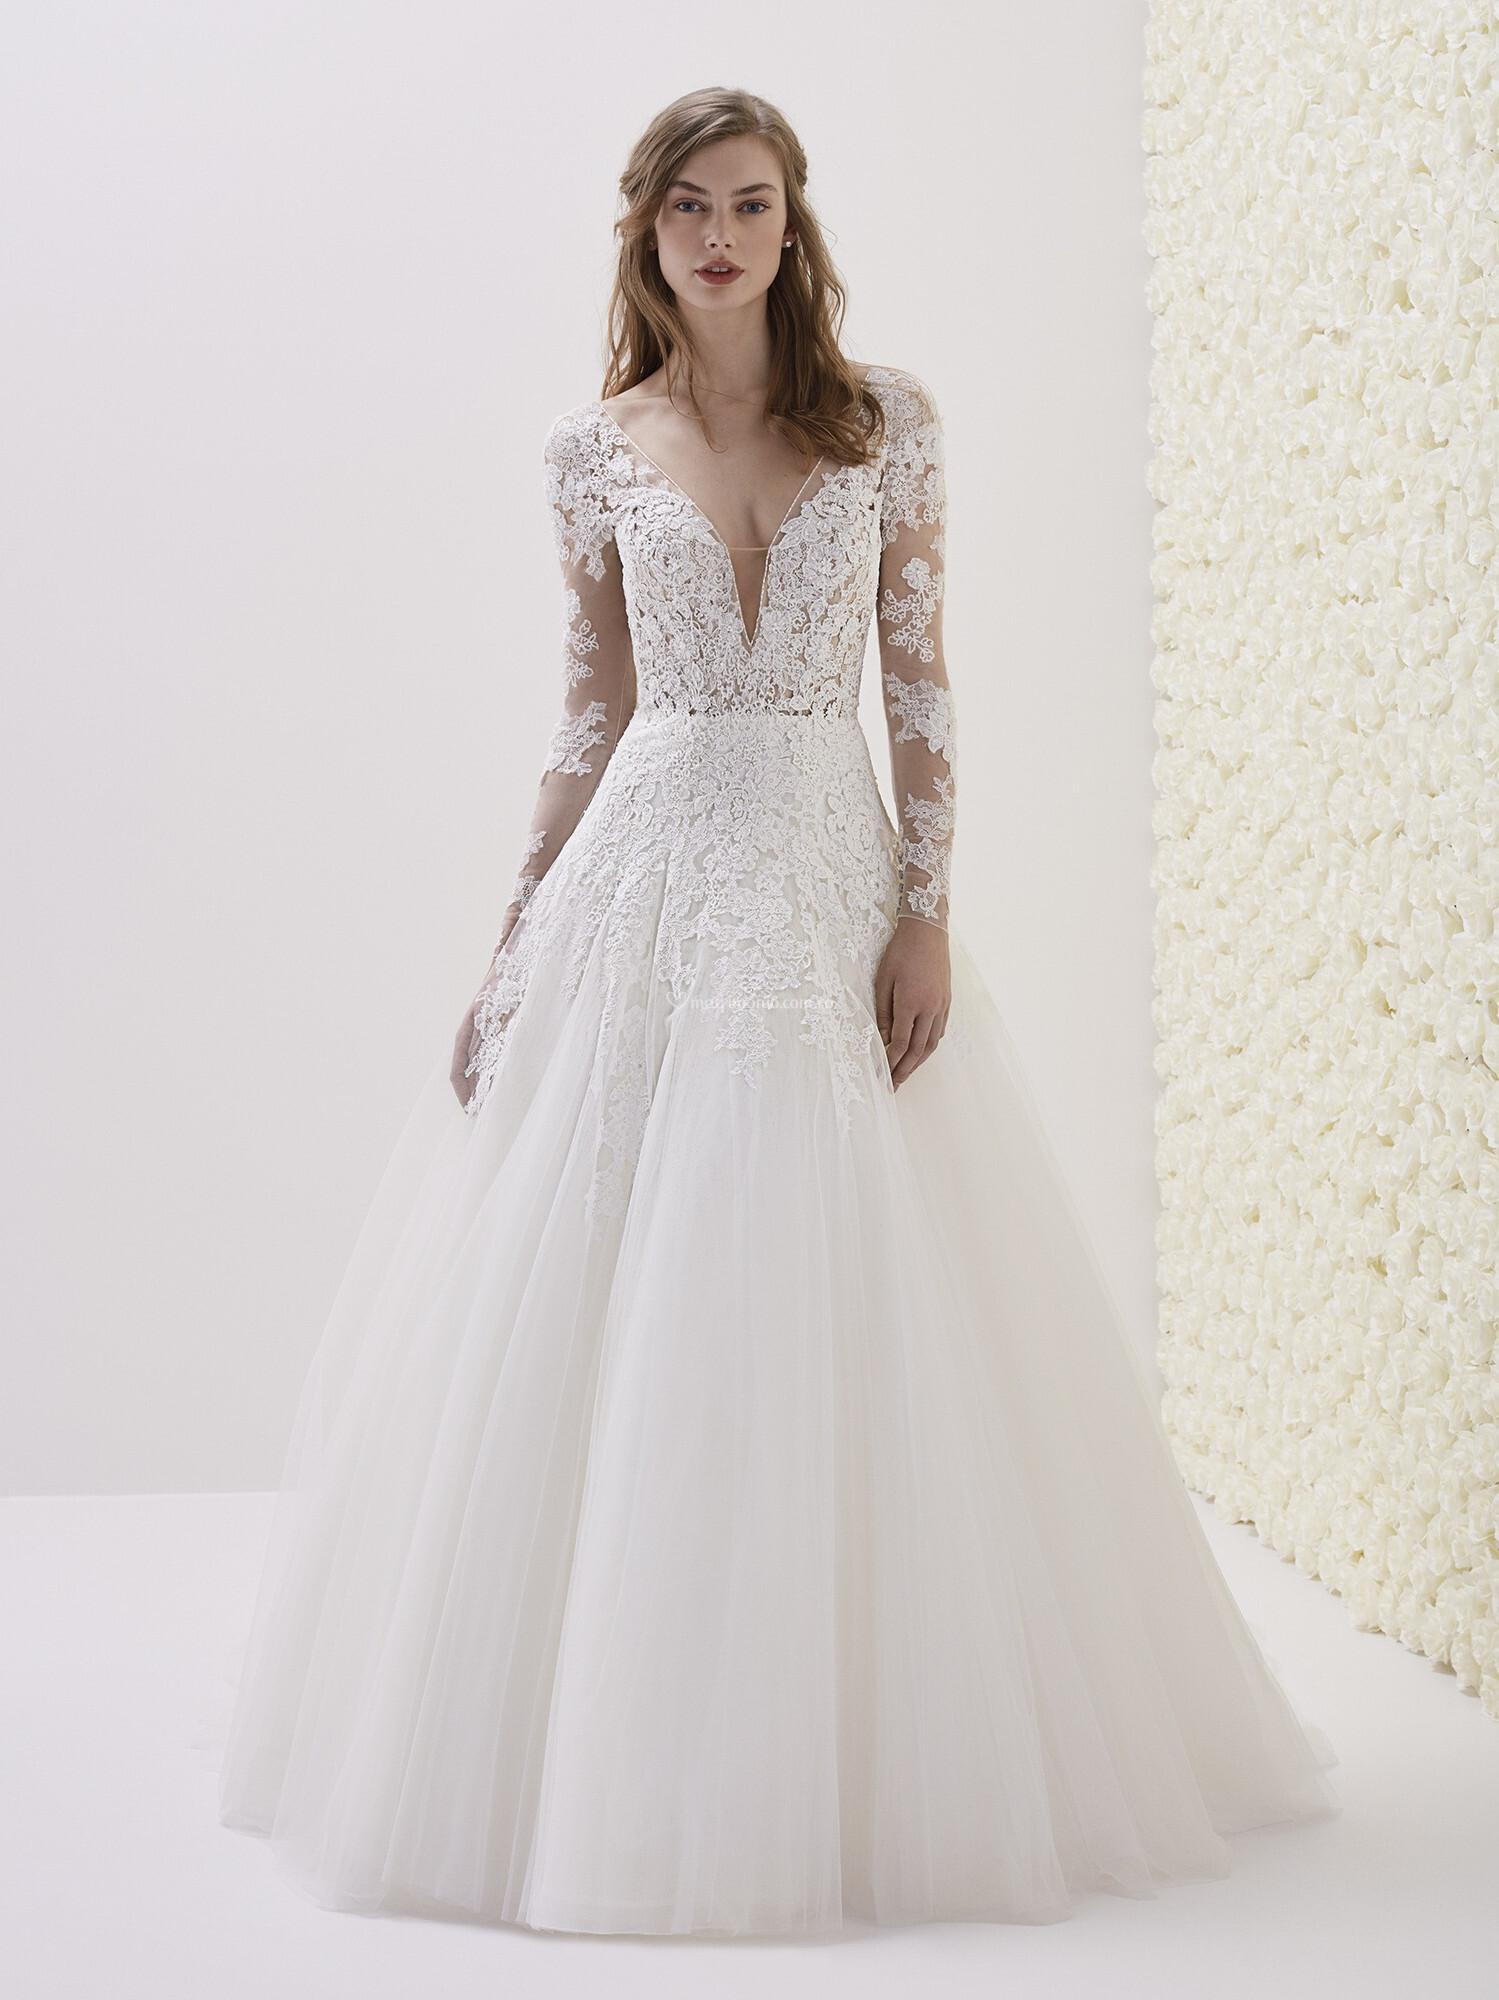 proporcionar un montón de volumen grande diseño de variedad Vestidos de Novia de Pronovias - 2019 - Matrimonio.com.co